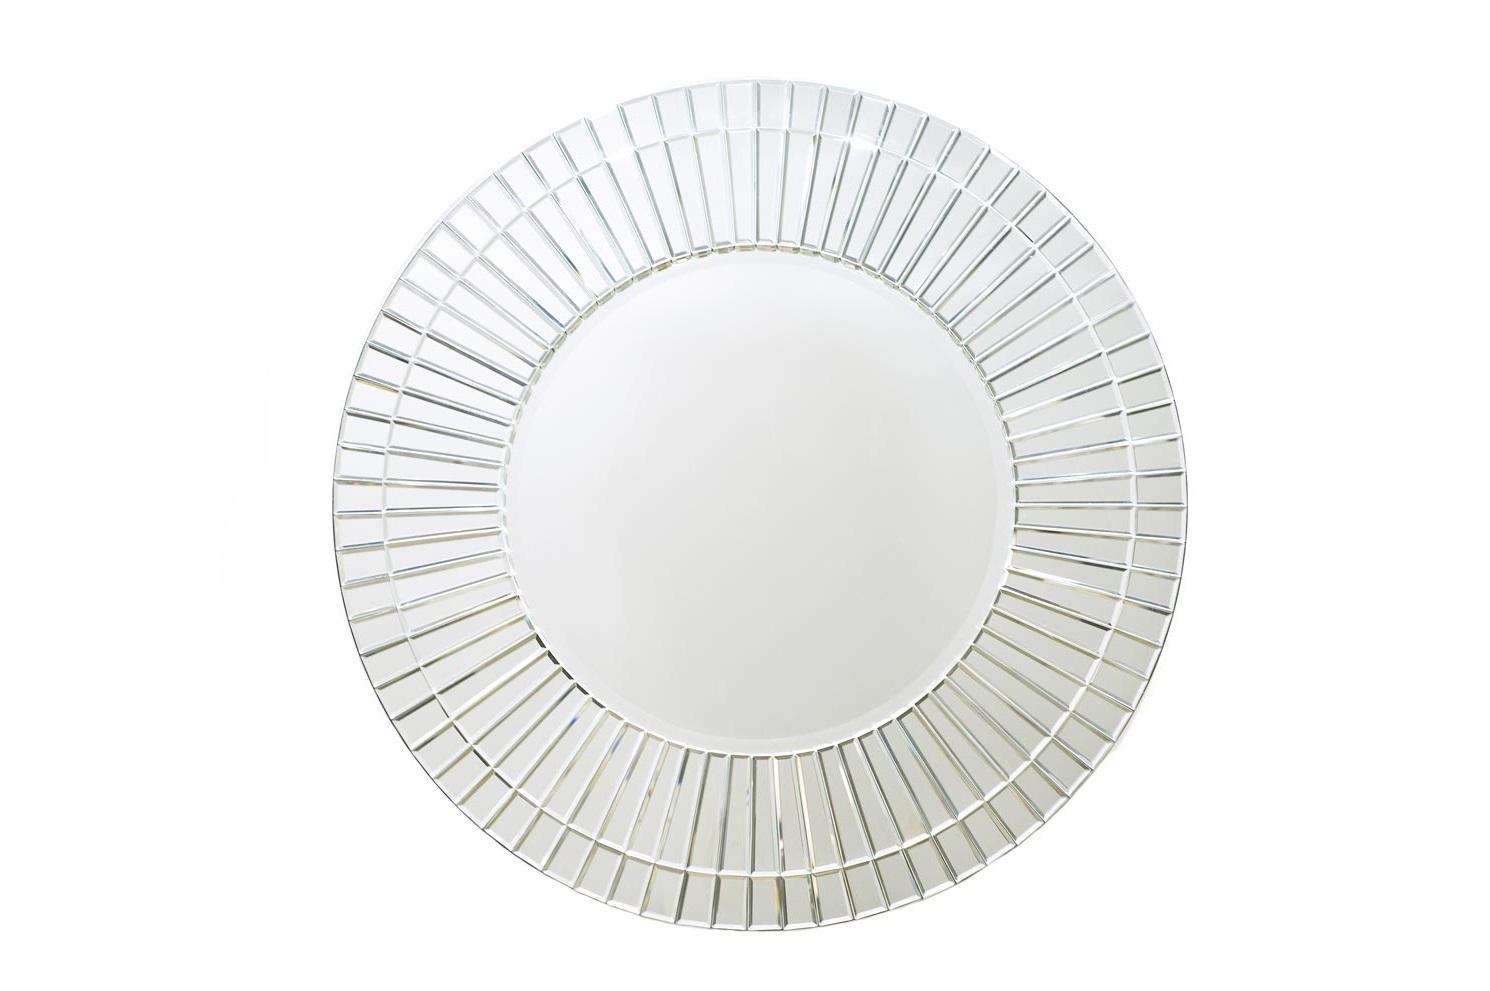 ЗеркалоНастенные зеркала<br>Овальное зеркало покорит вас блеском своей рамки из множества маленьких кусочков зеркального стекла. Отличная модель для ванной или будуара в американском стиле а-ля Тиффани.<br><br>Material: Стекло<br>Ширина см: 91<br>Высота см: 91.0